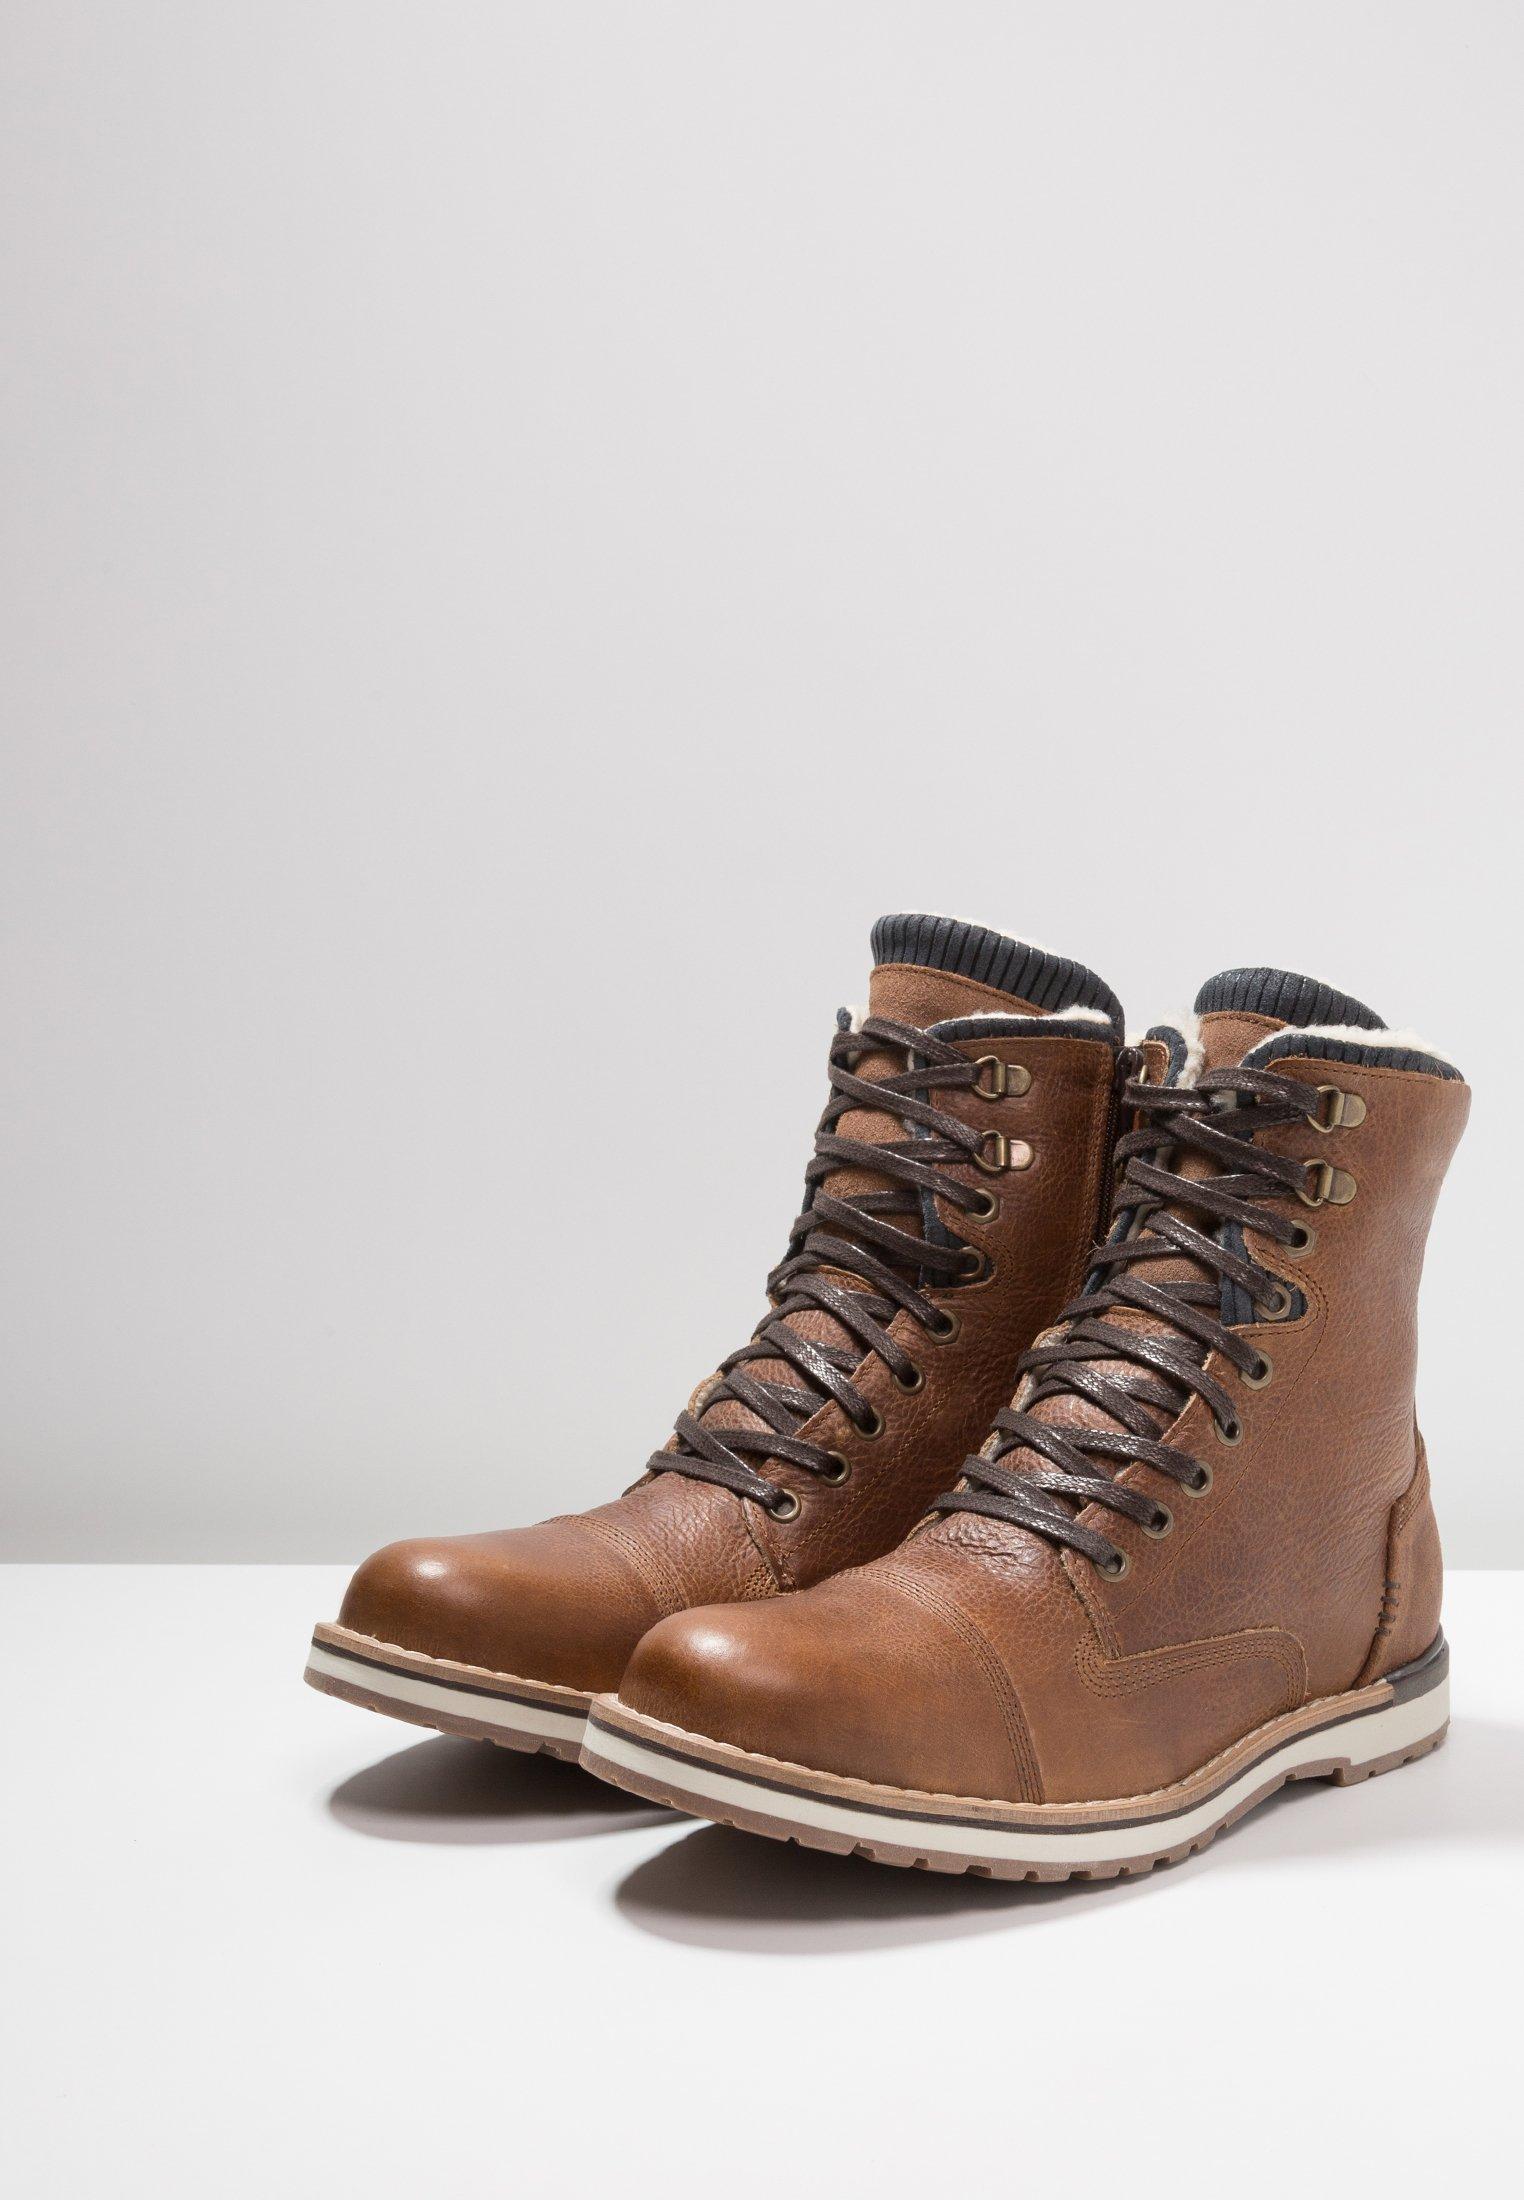 Designer Cheapest Pier One Lace-up ankle boots - cognac | men's shoes 2020 0k2Zf